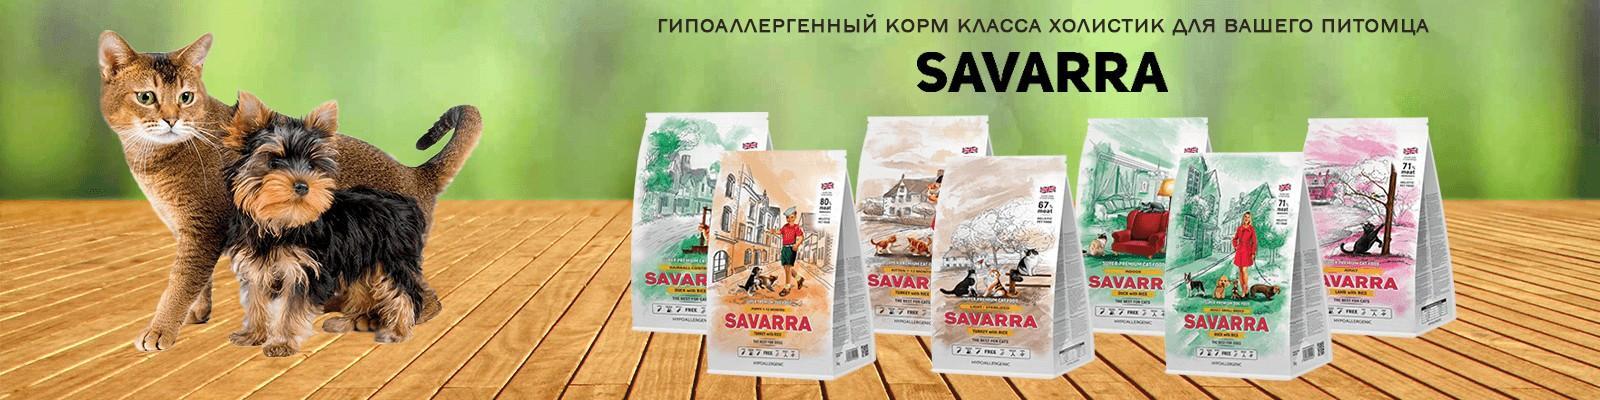 Корма Savarra для собак и кошек